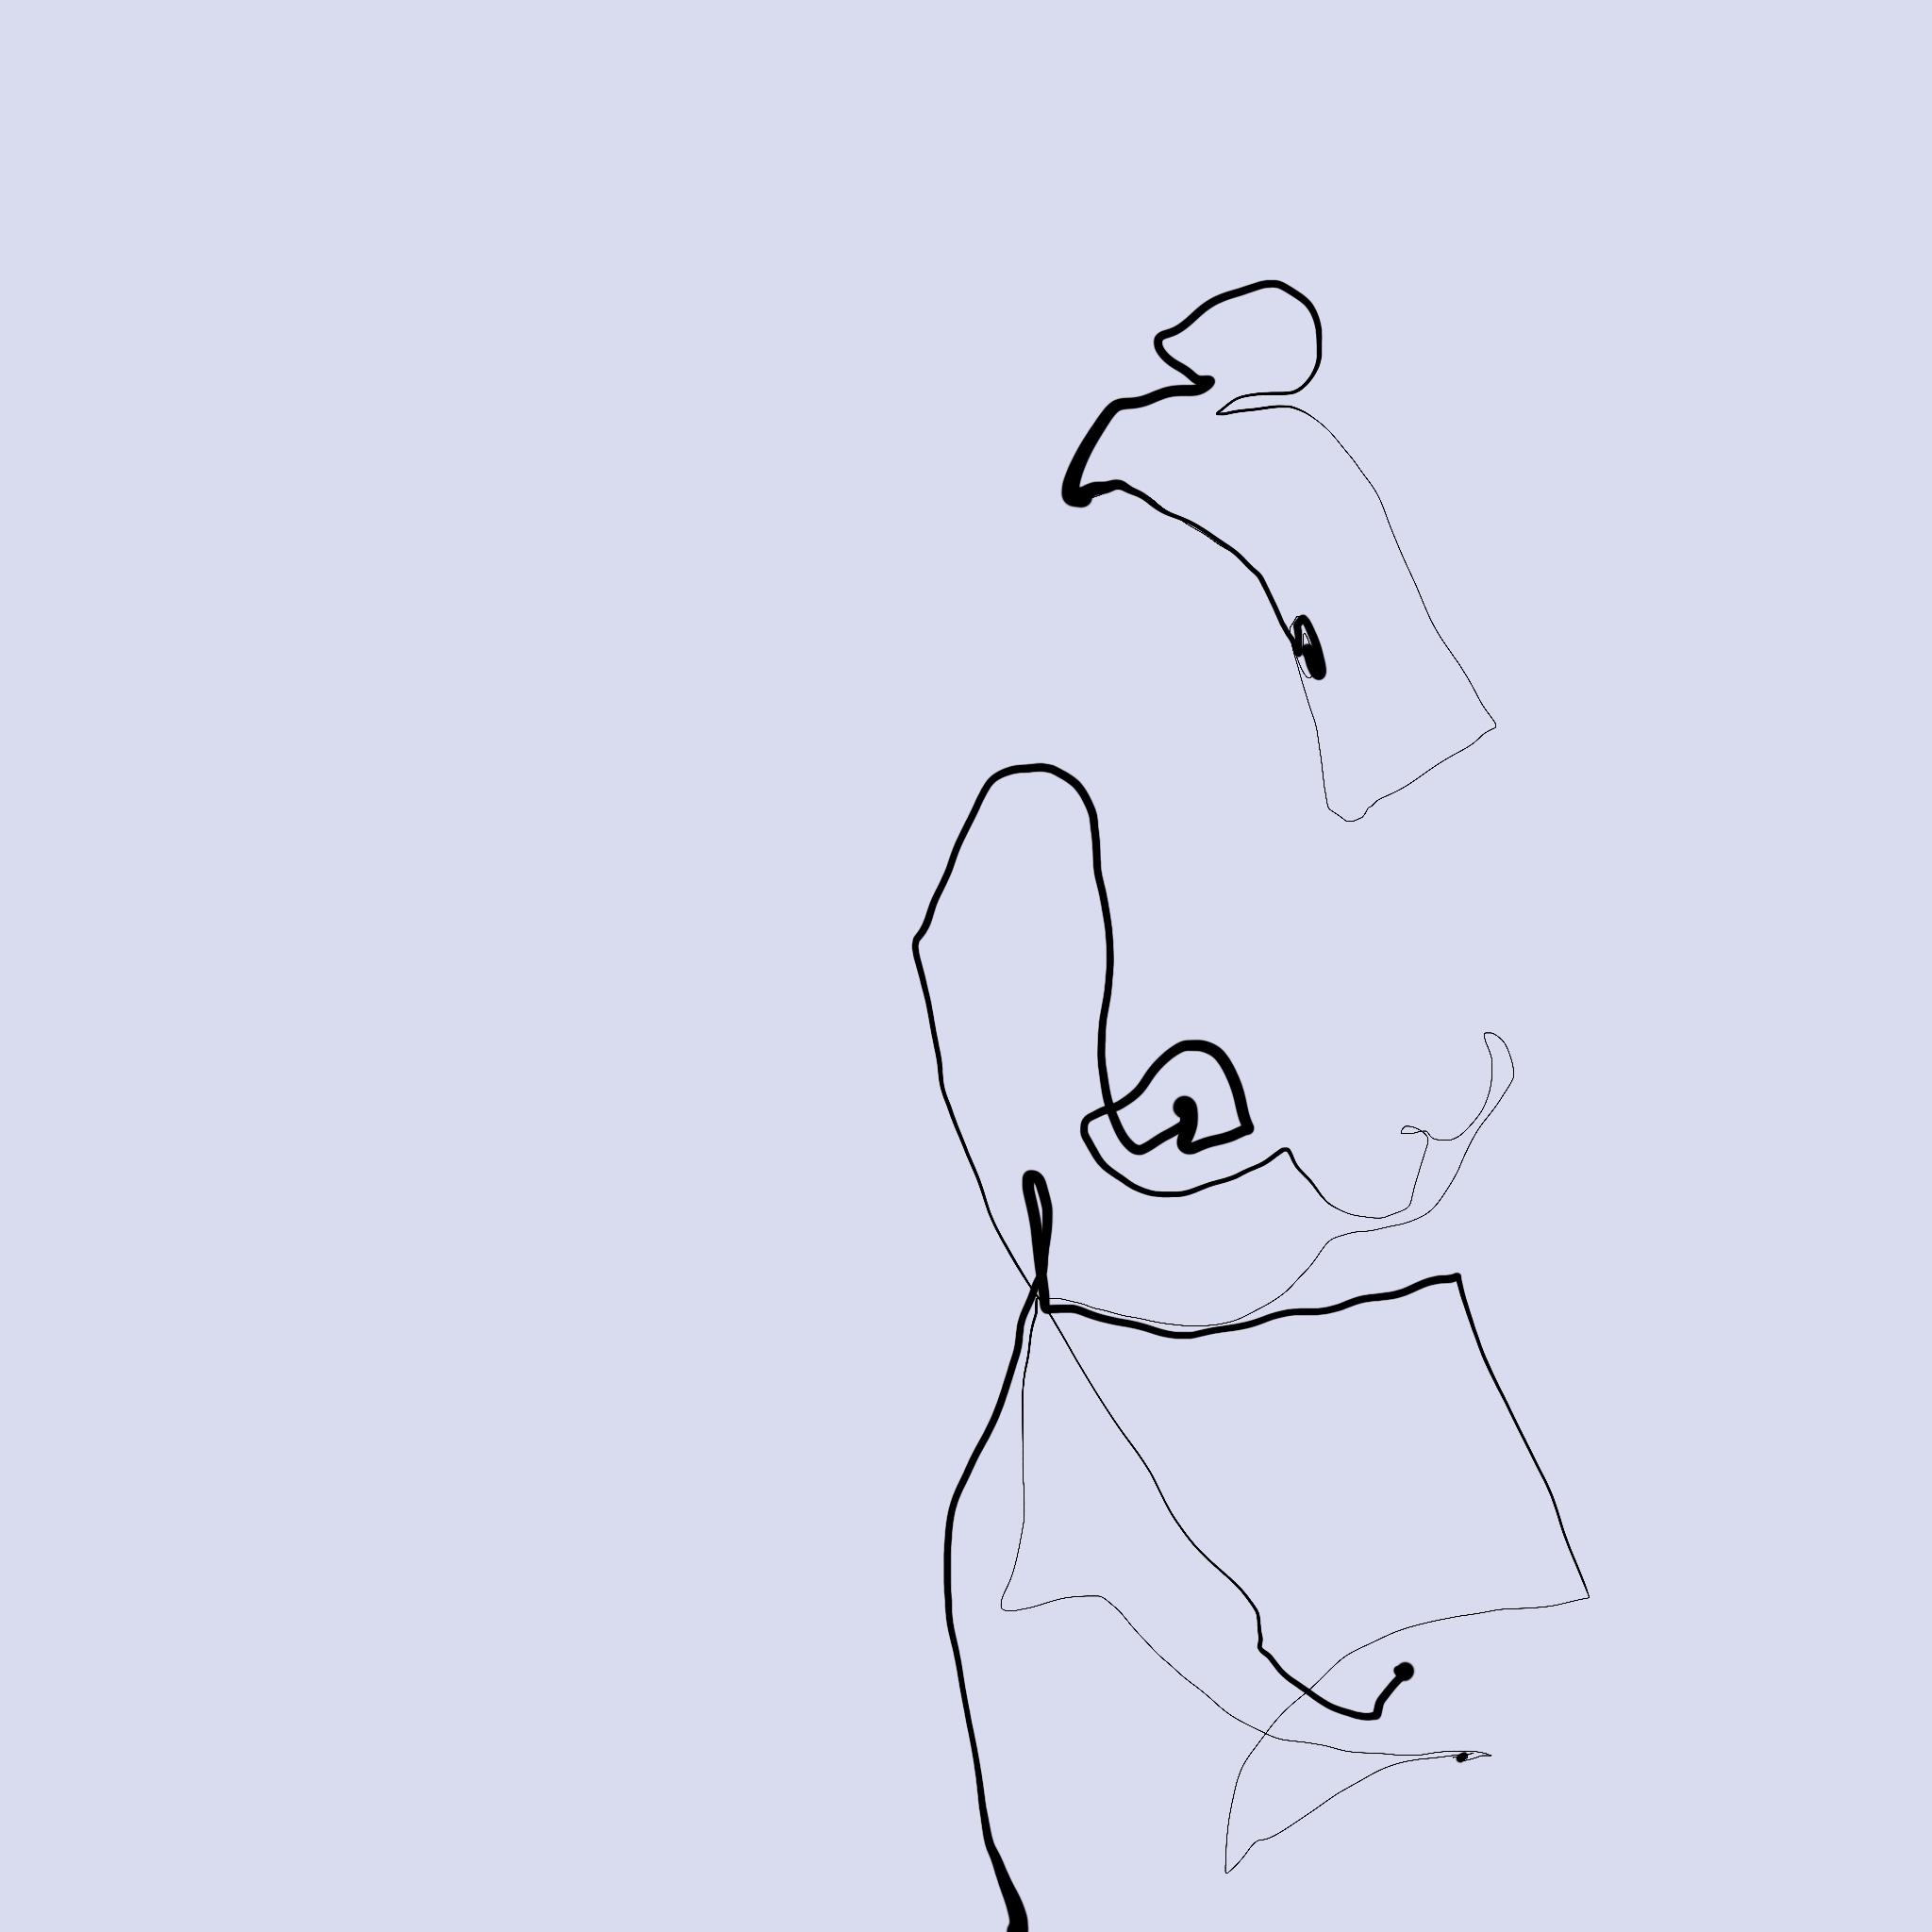 one line illustration naked womanFiligrane one line illustration einer nakten Frau, die etwas schräg dasteht und eine Hand im Schoß hat.